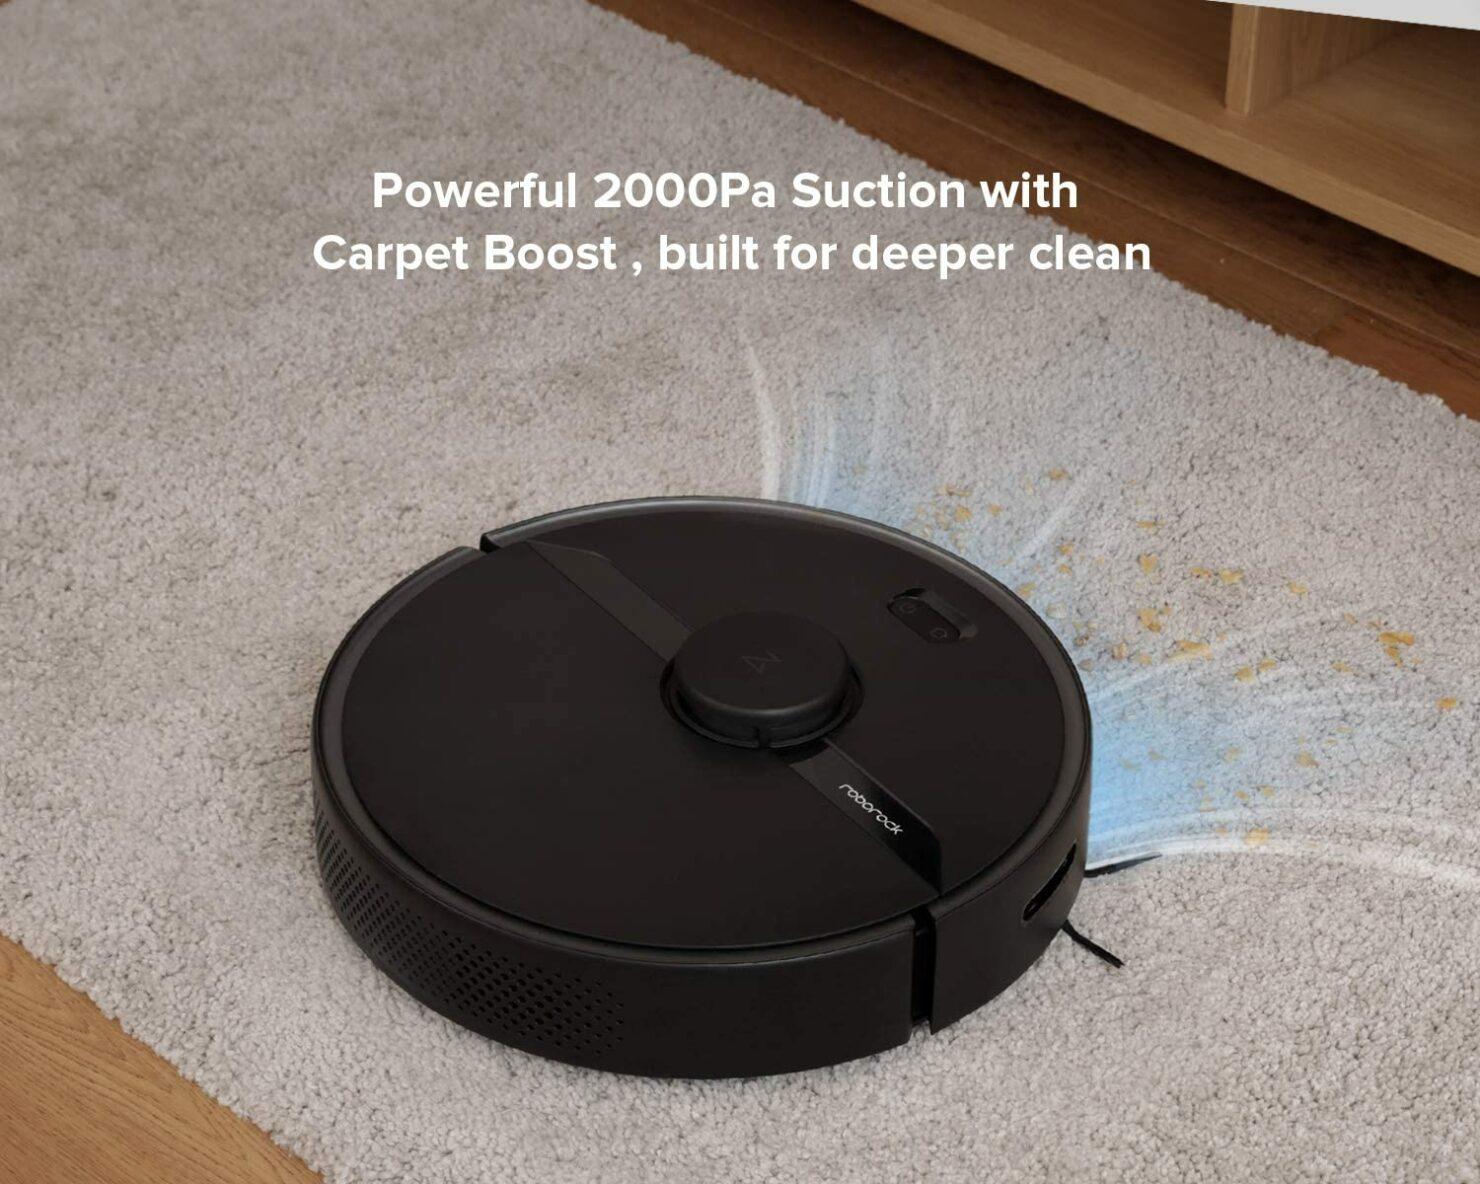 roborock-s6-pure-carpet-boost